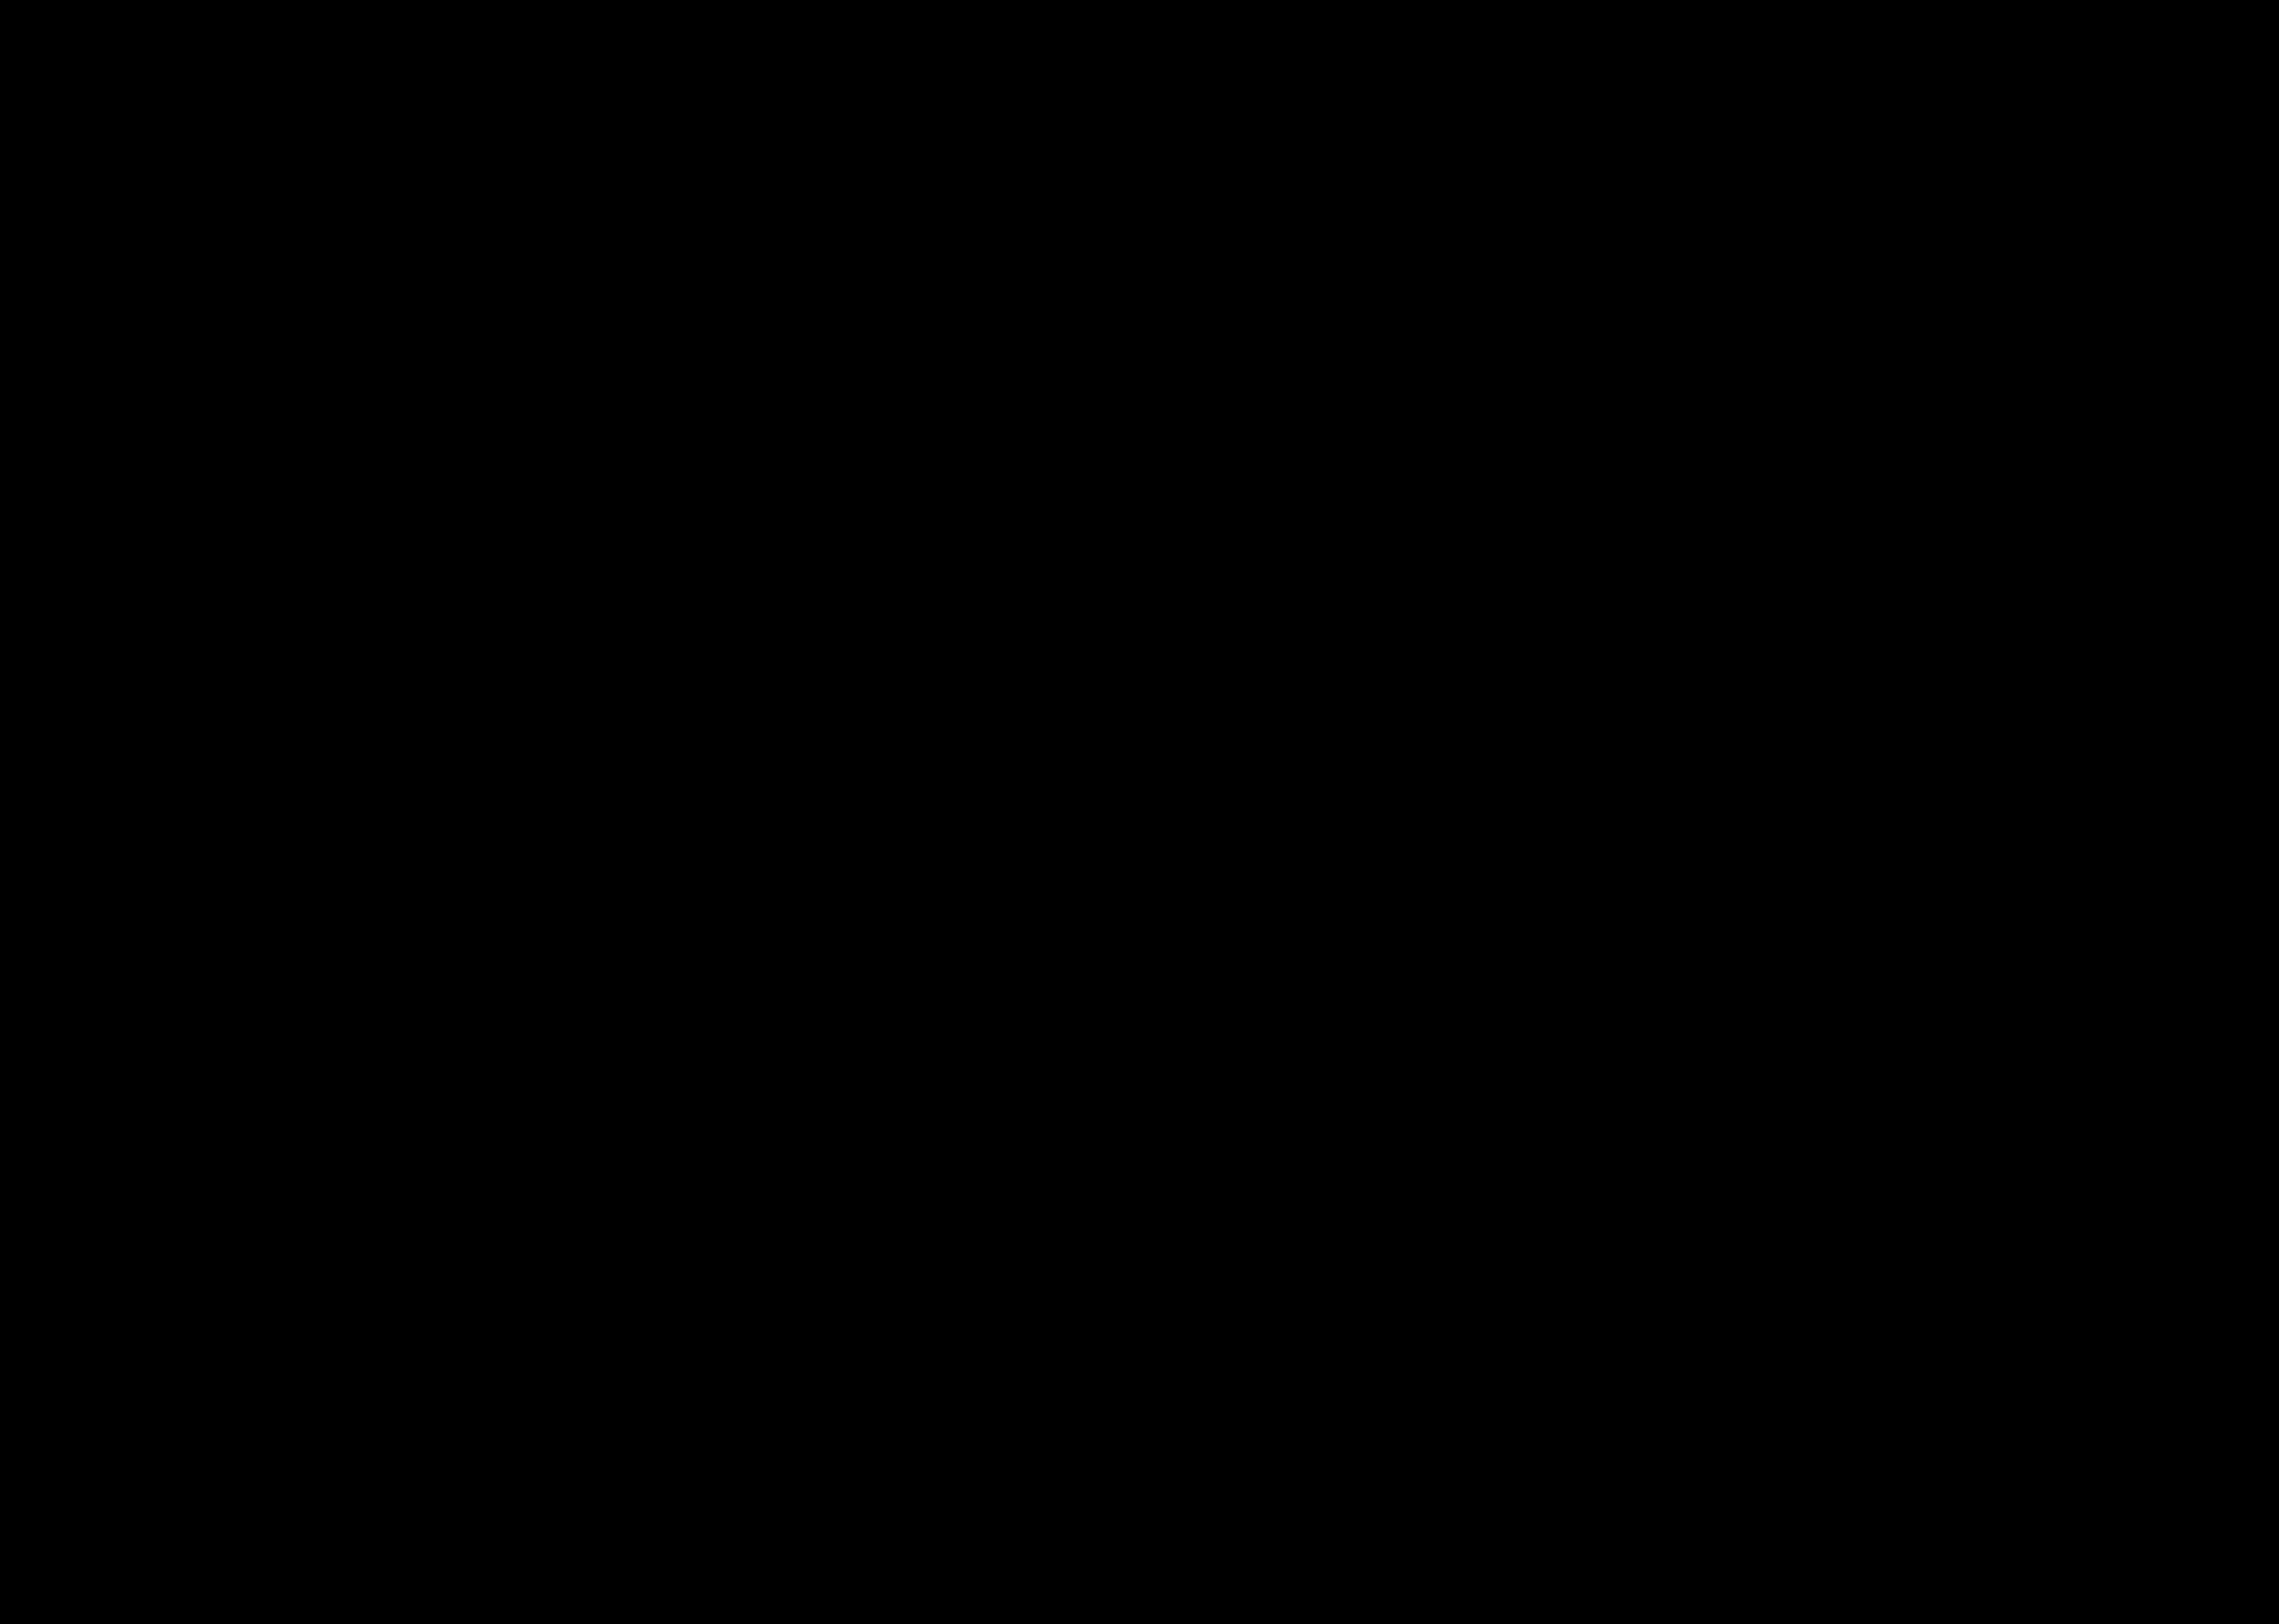 12/09/18 การอบรมเรื่อง การใช้ MULTI-COST CODE ในงาน COST ENGINEERING สำหรับงานอาคาร รุ่นที่ 8